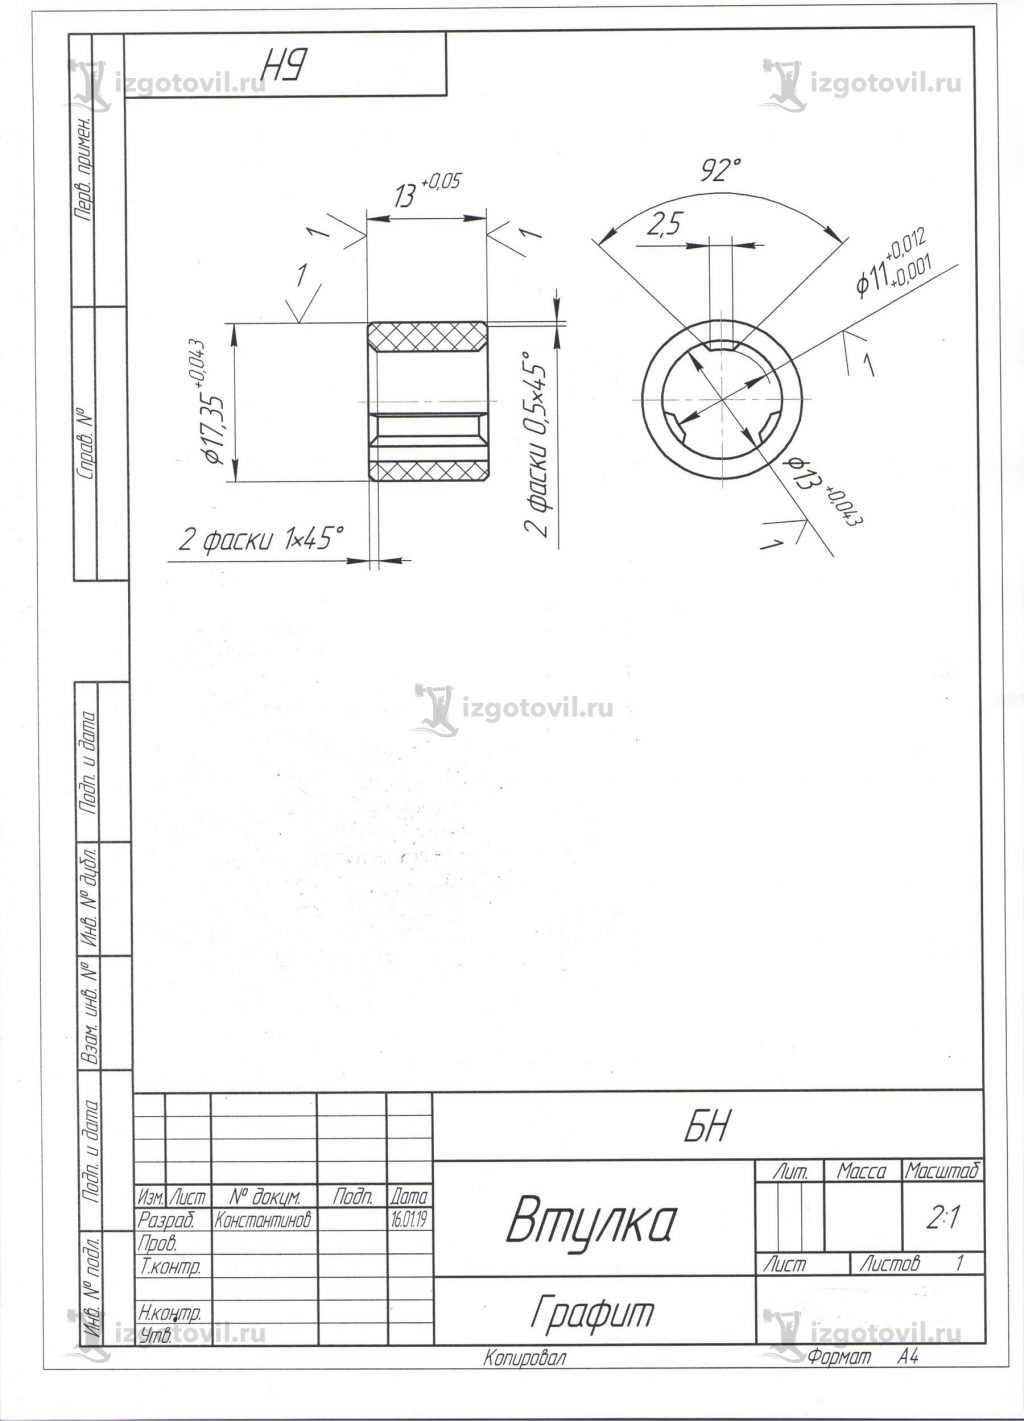 Изготовление цилиндрических деталей (втулки)